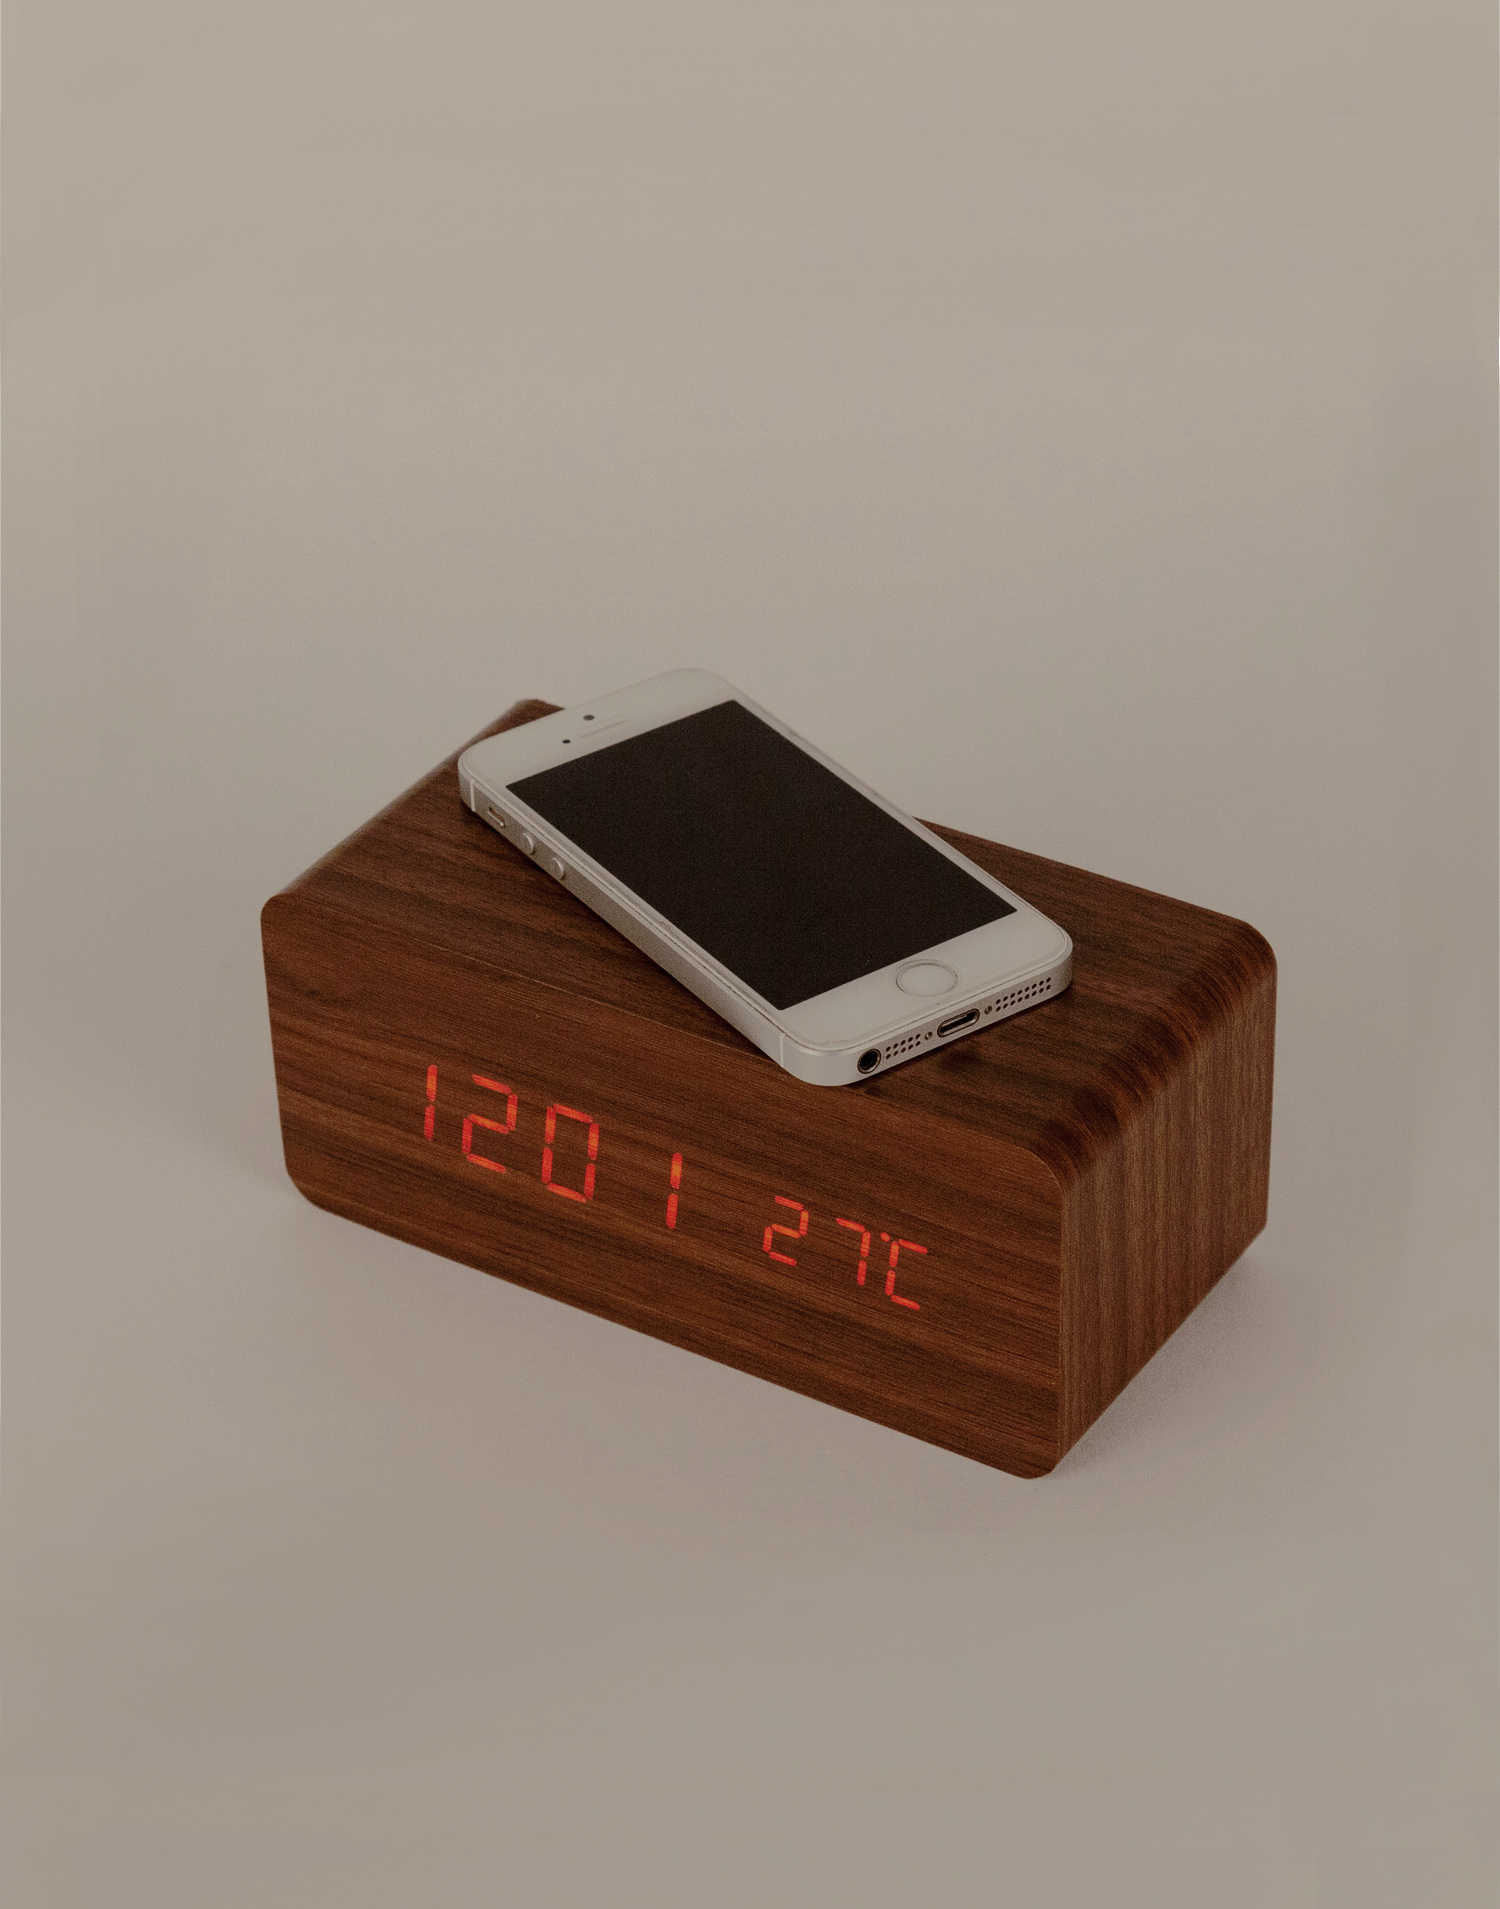 Chrarger alarm clock